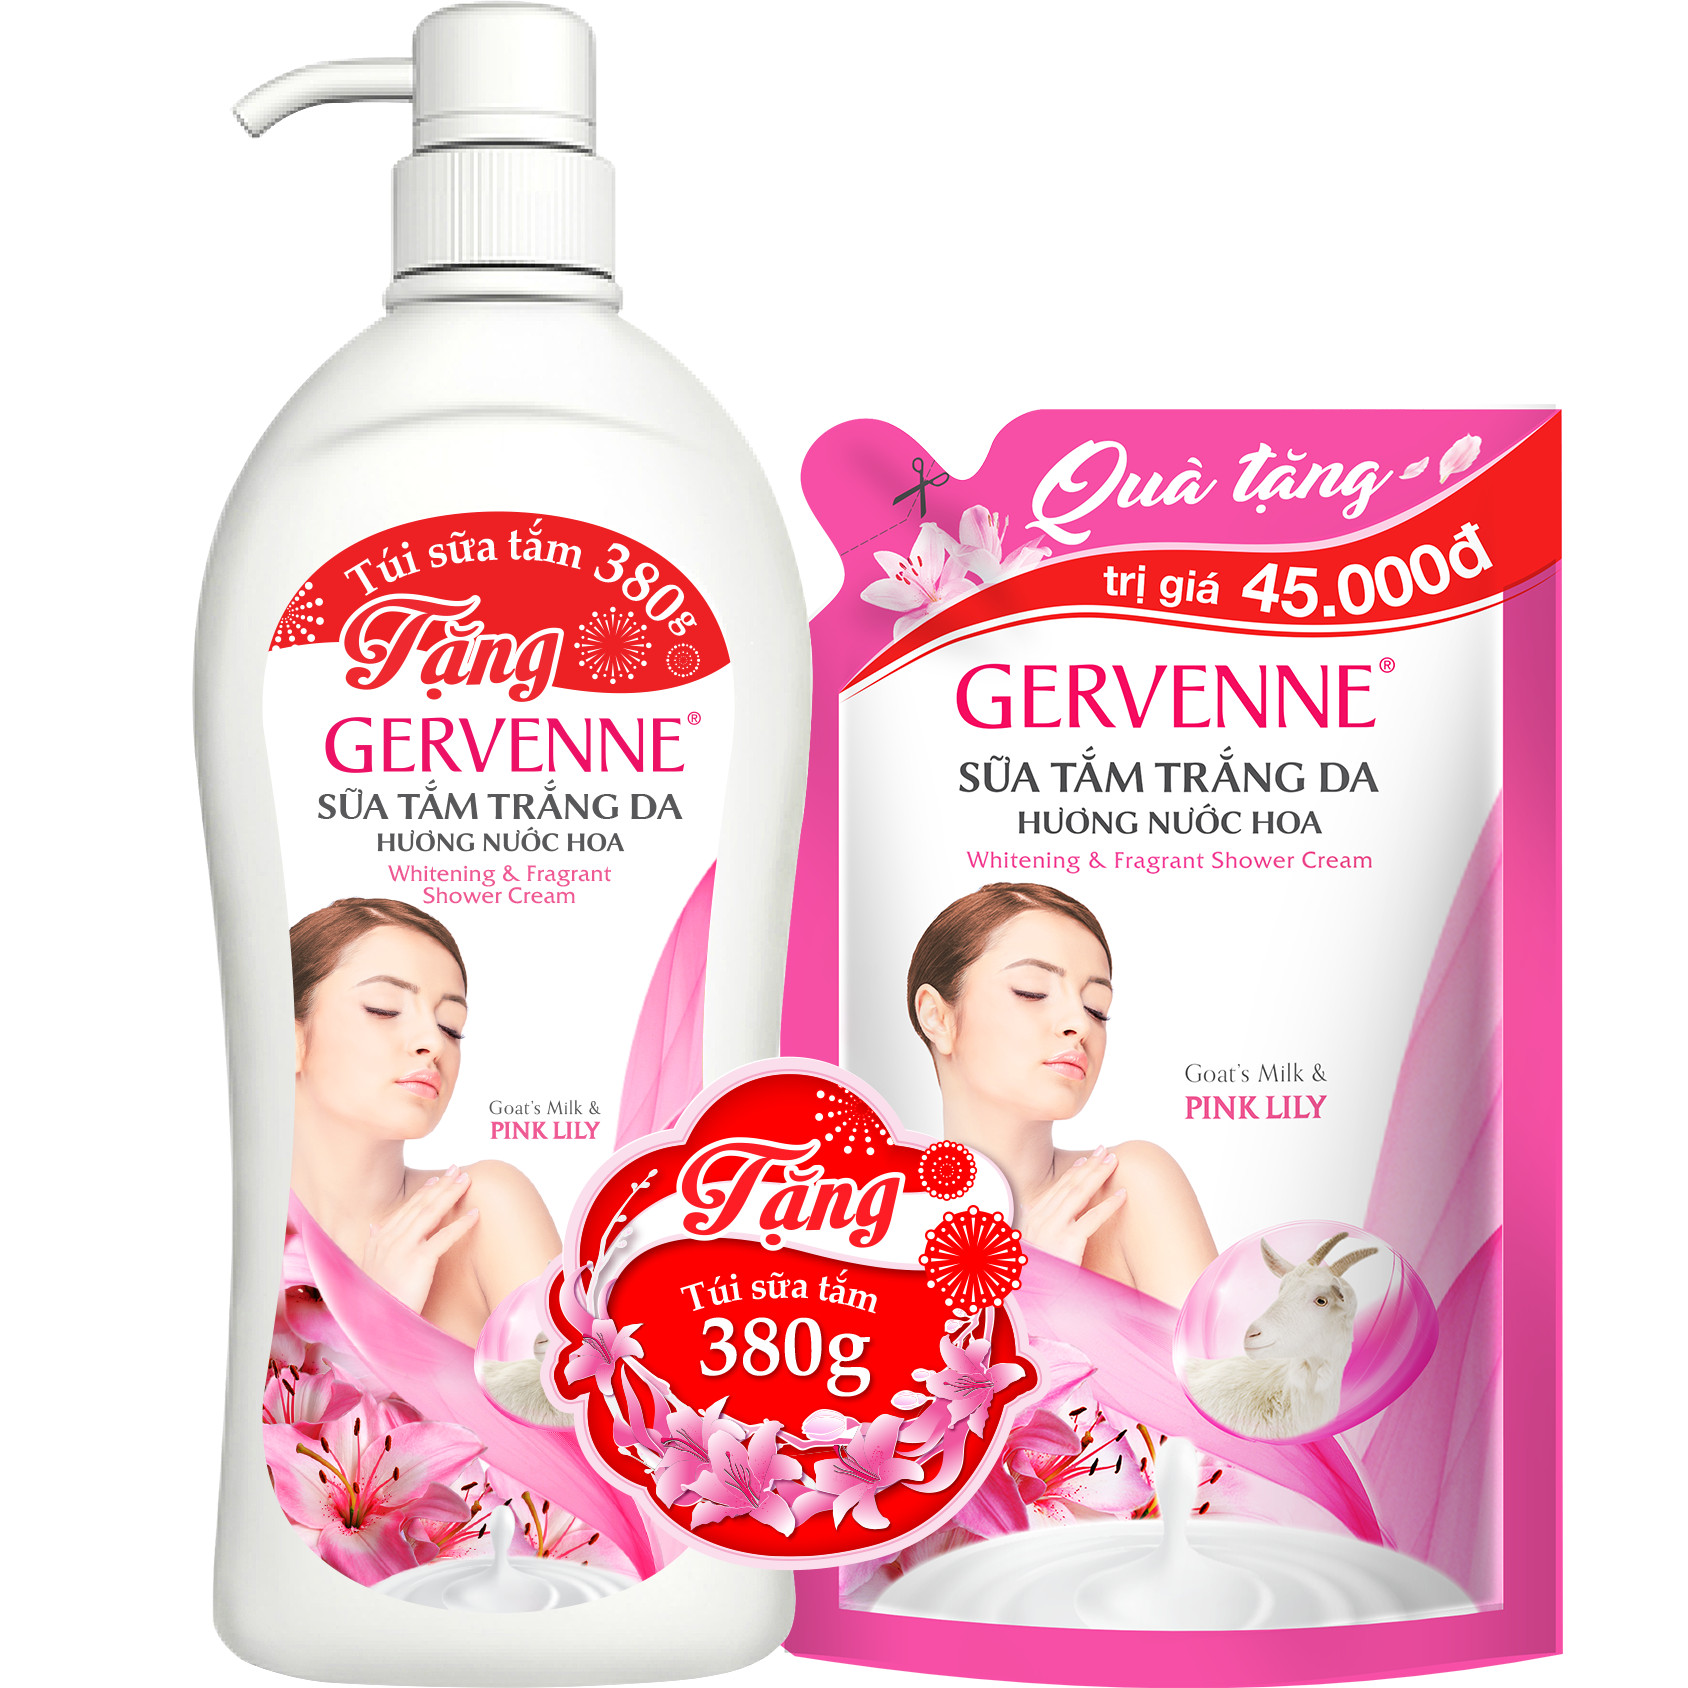 Gervenne Sữa tắm trắng da Pink Lily 900gr - TẶNG túi sữa tắm 380gr